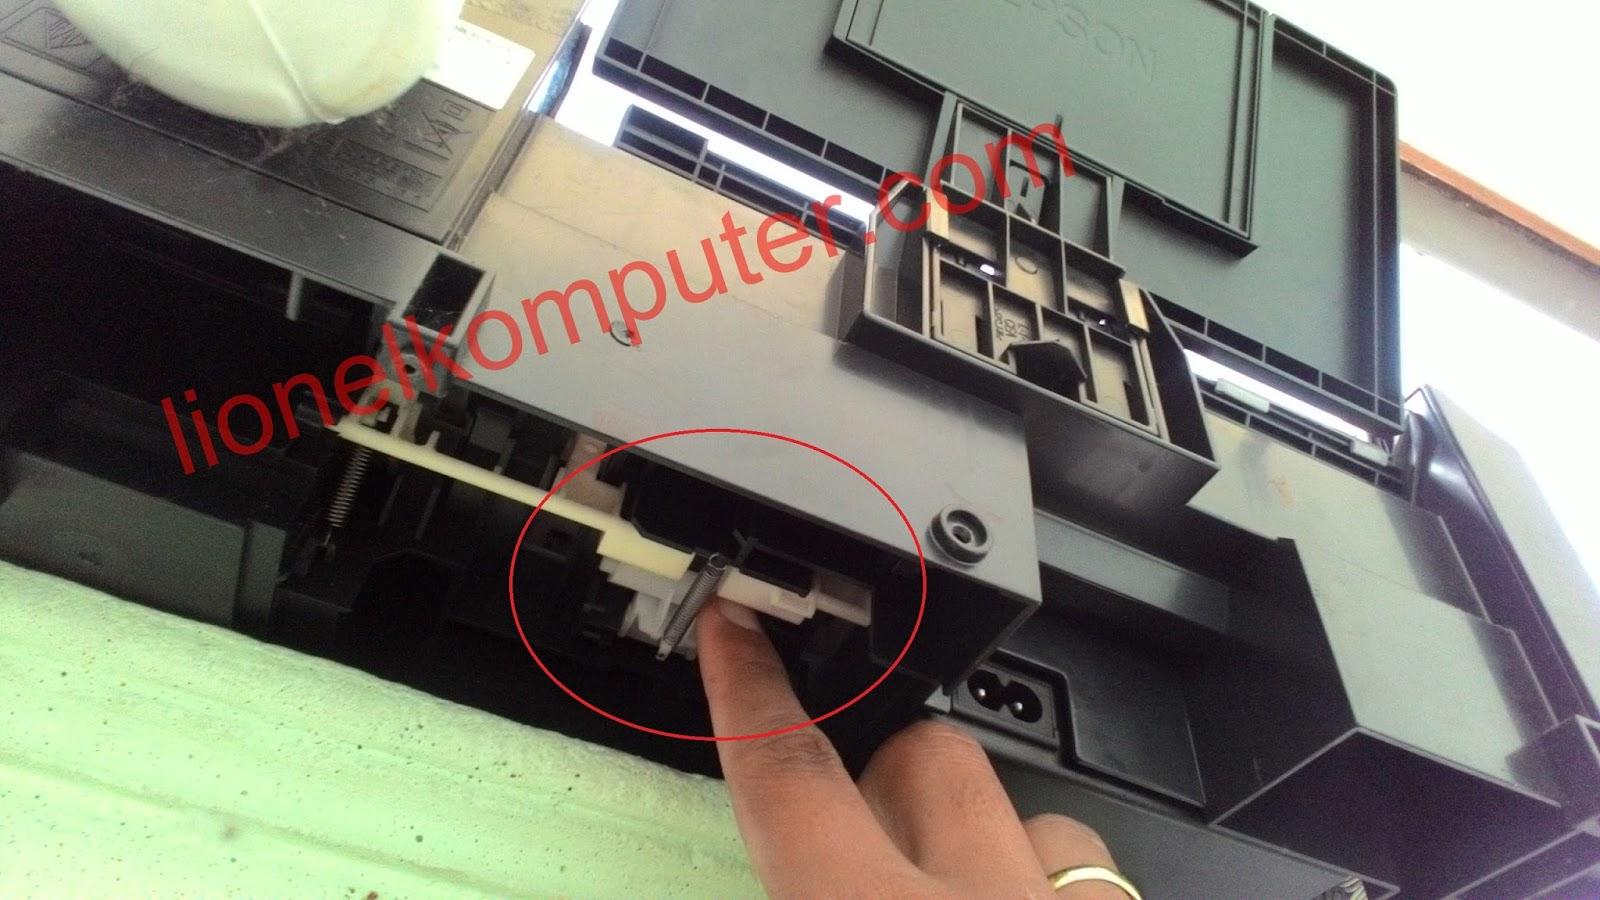 Cara Memperbaiki Printer Epson L120 L220 Menarik Kertas Terlalu Banyak